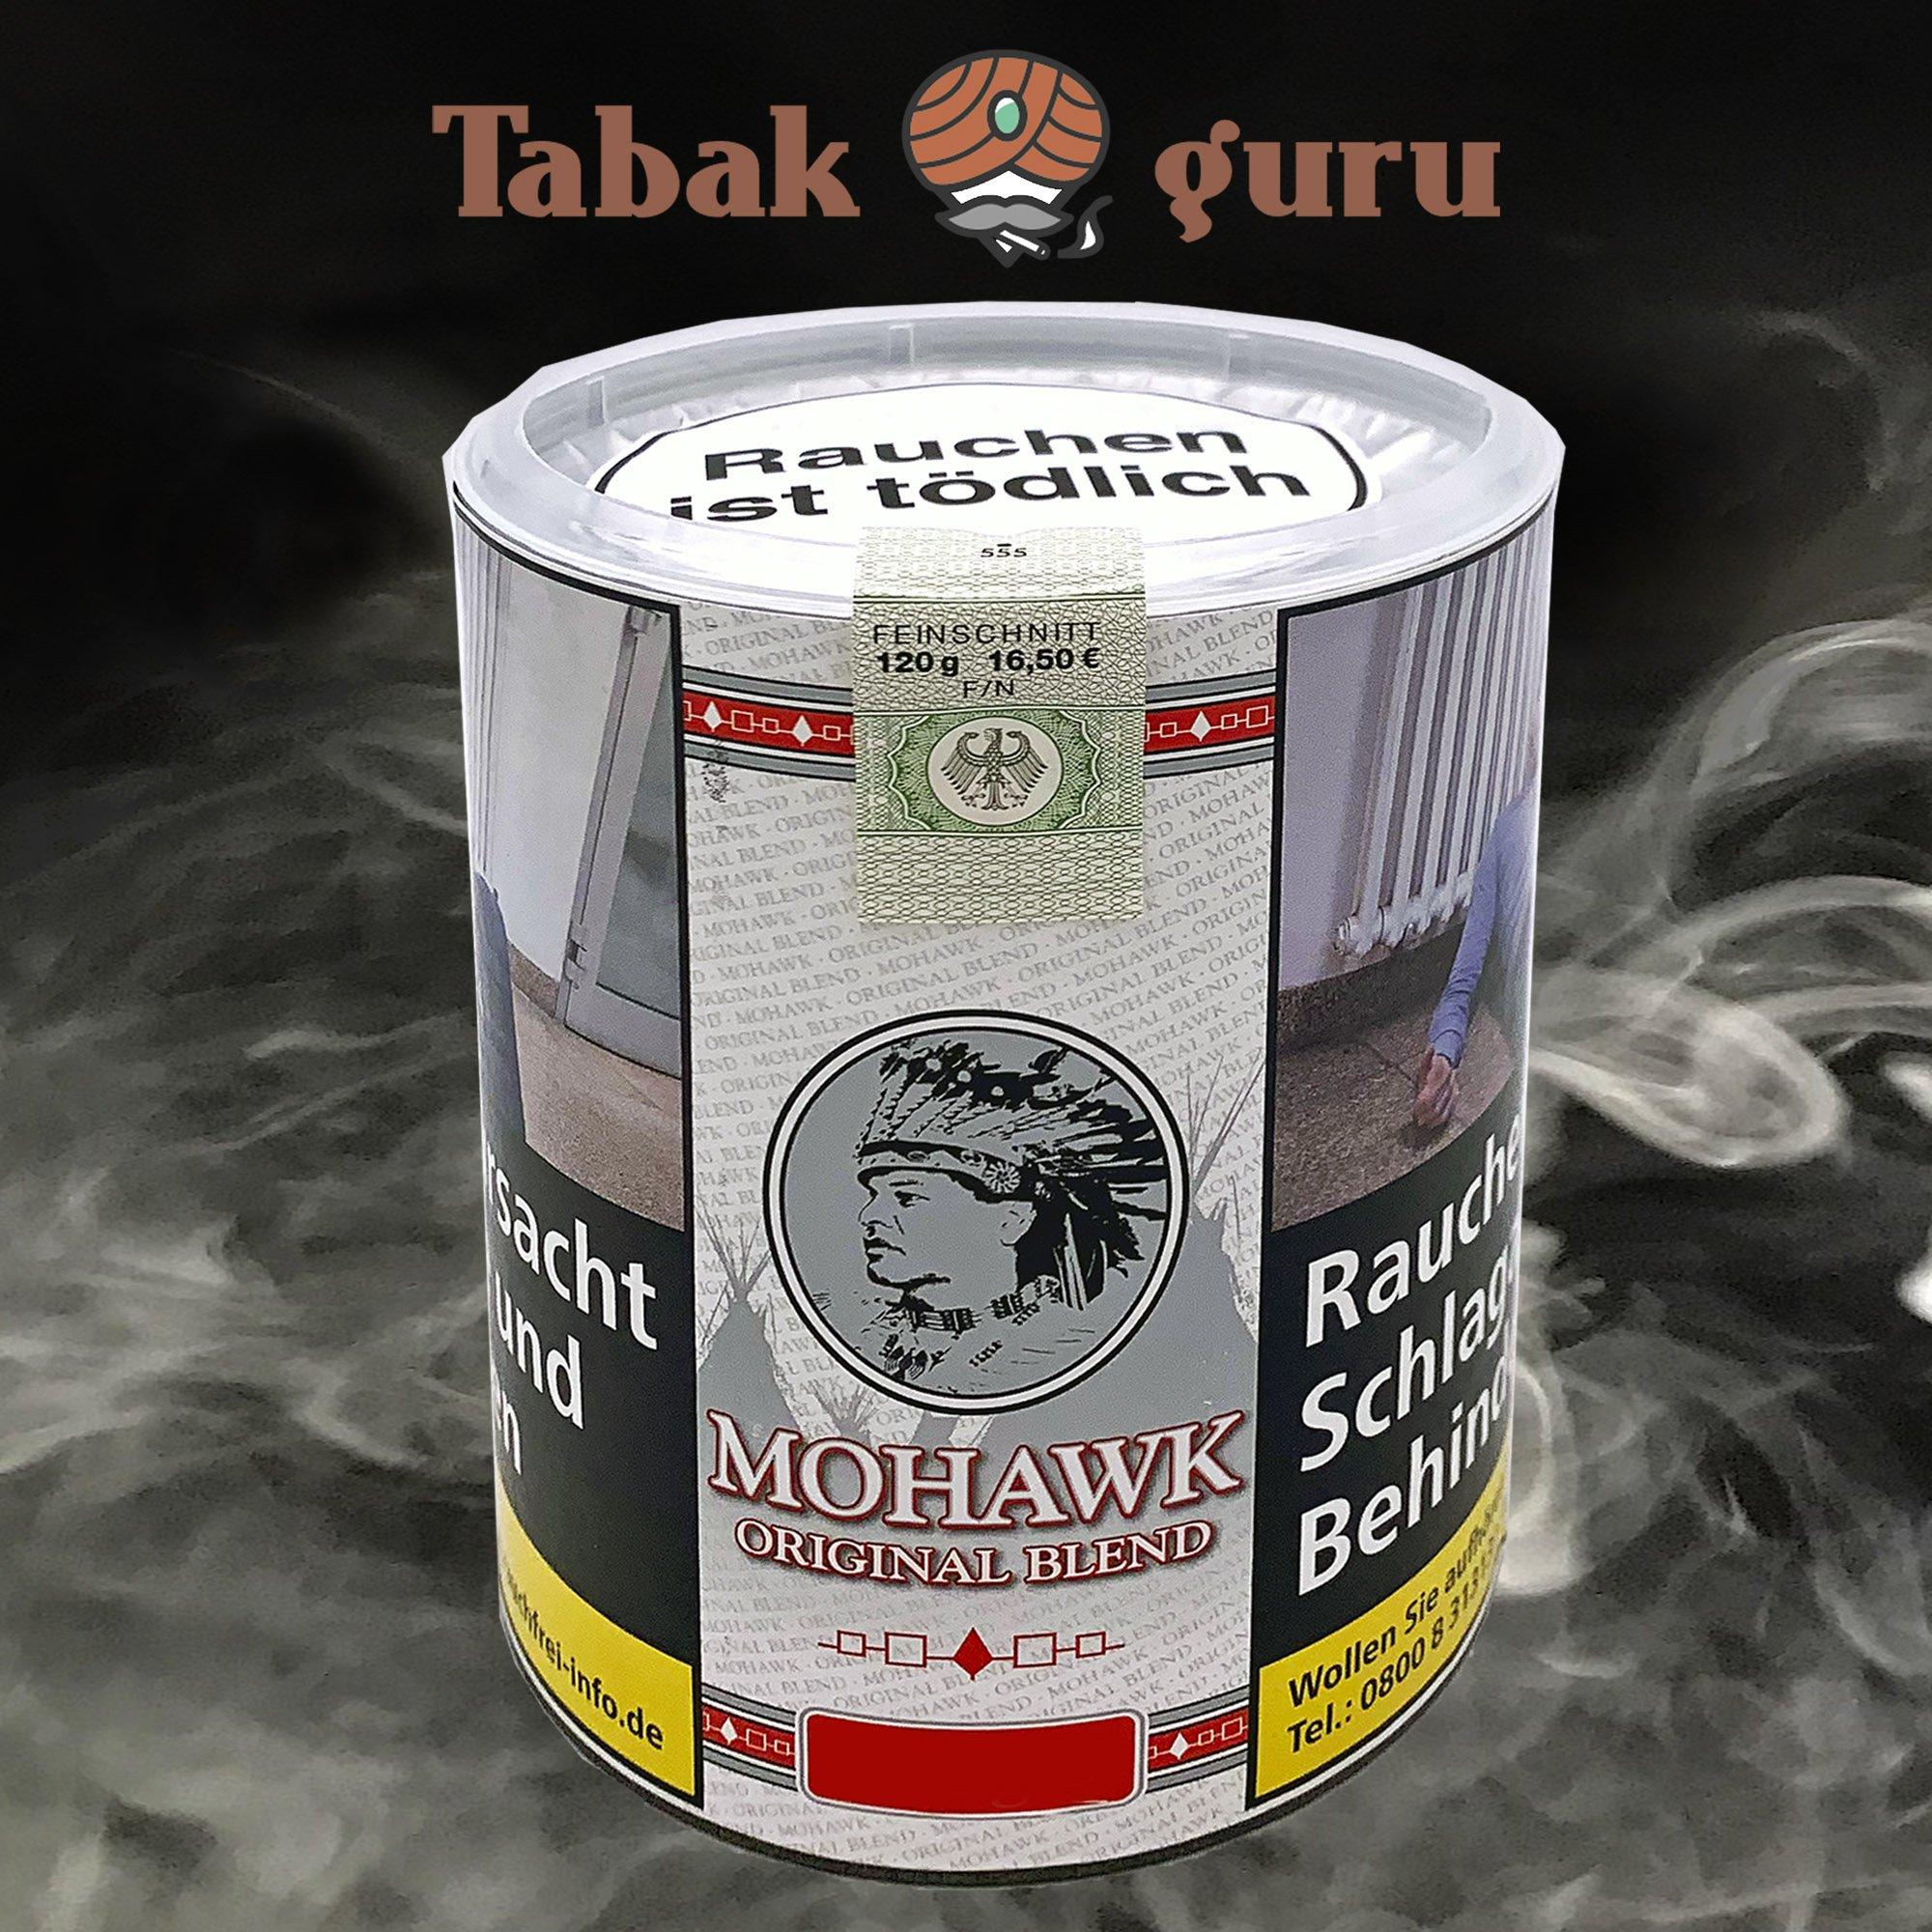 Mohawk Original Blend Feinschnitt-Tabak